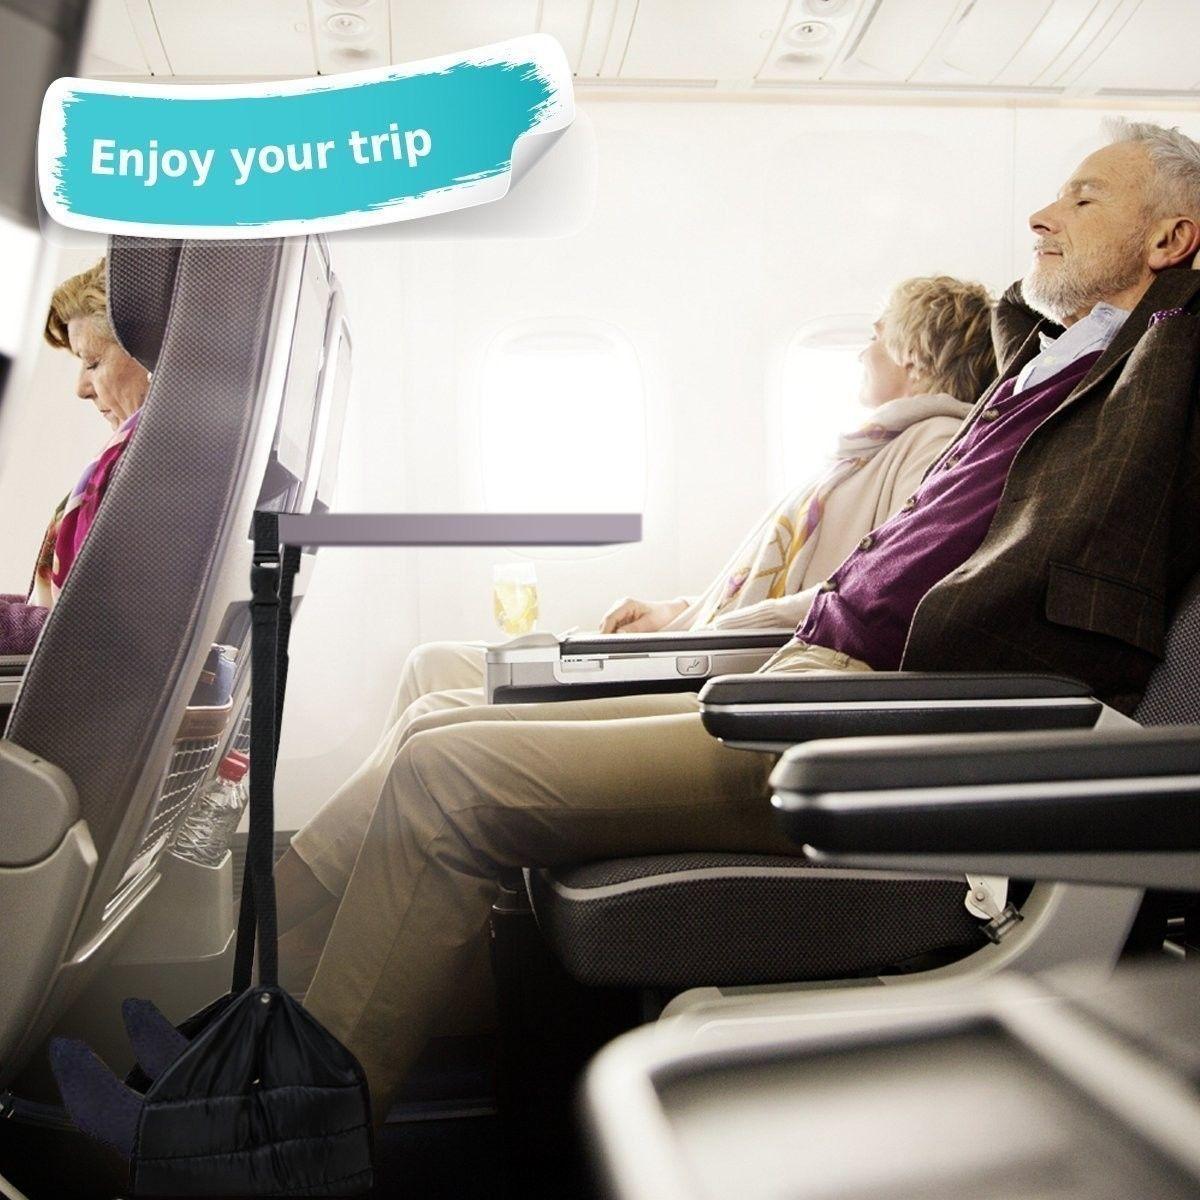 E-Bro Travel Adjustable Foot Rest Stand Portable Feet Hammock Flight Footrest